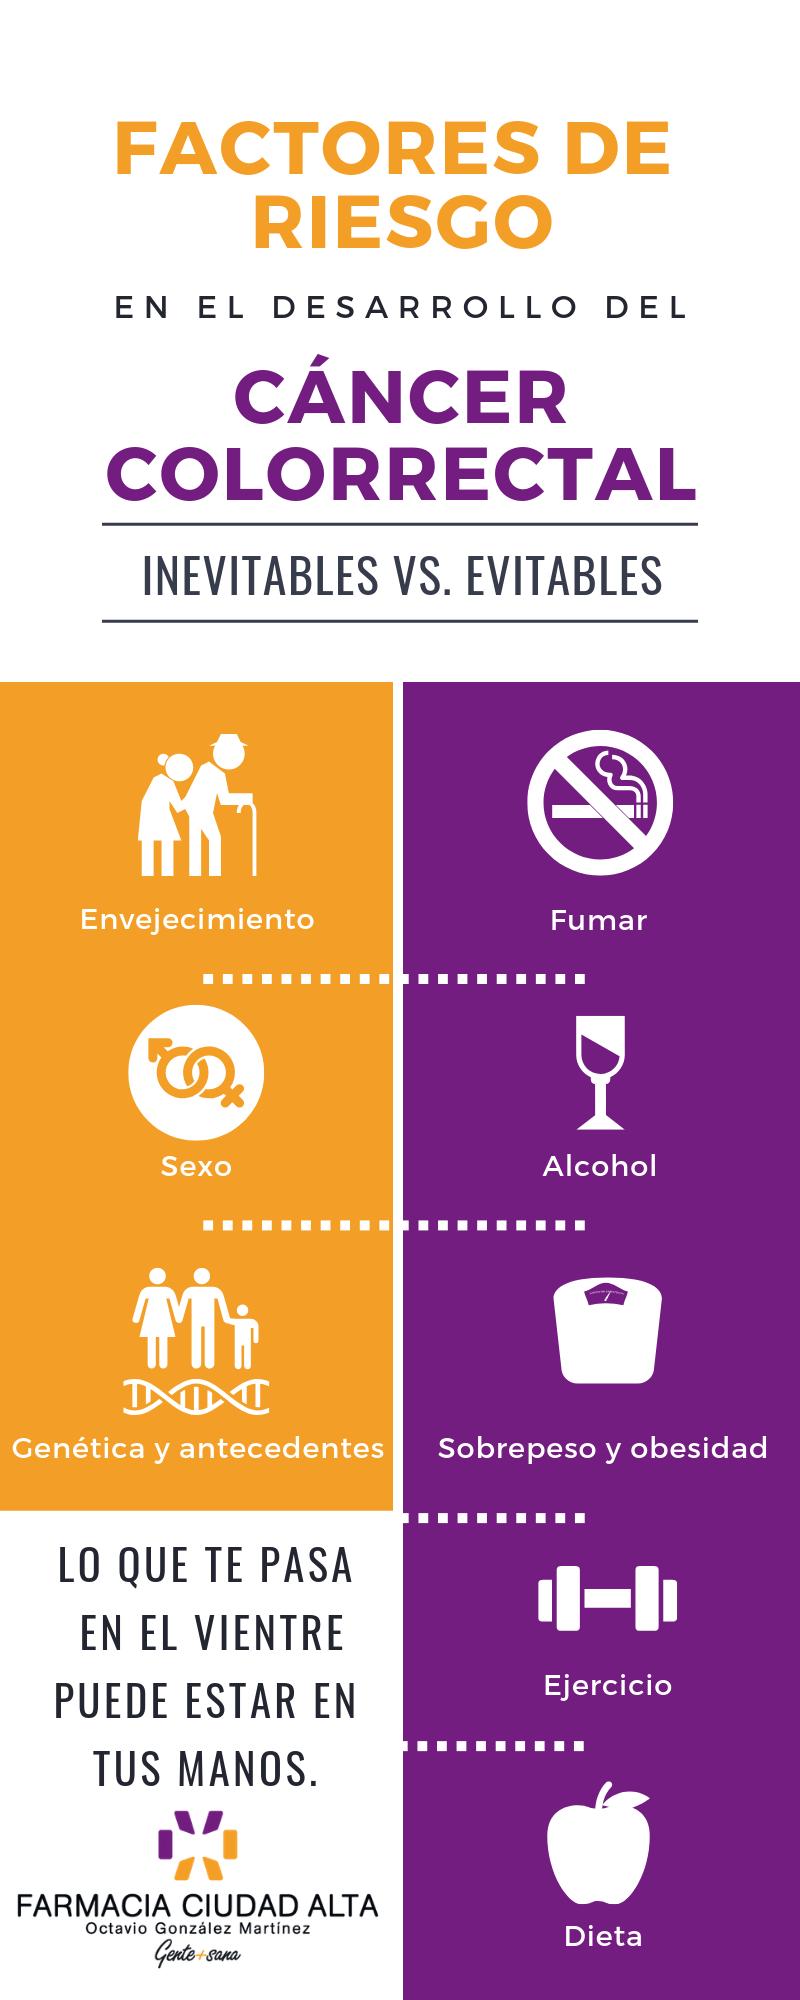 Factores de riesgo de cáncer de colon - Farmacia Ciudad Alta